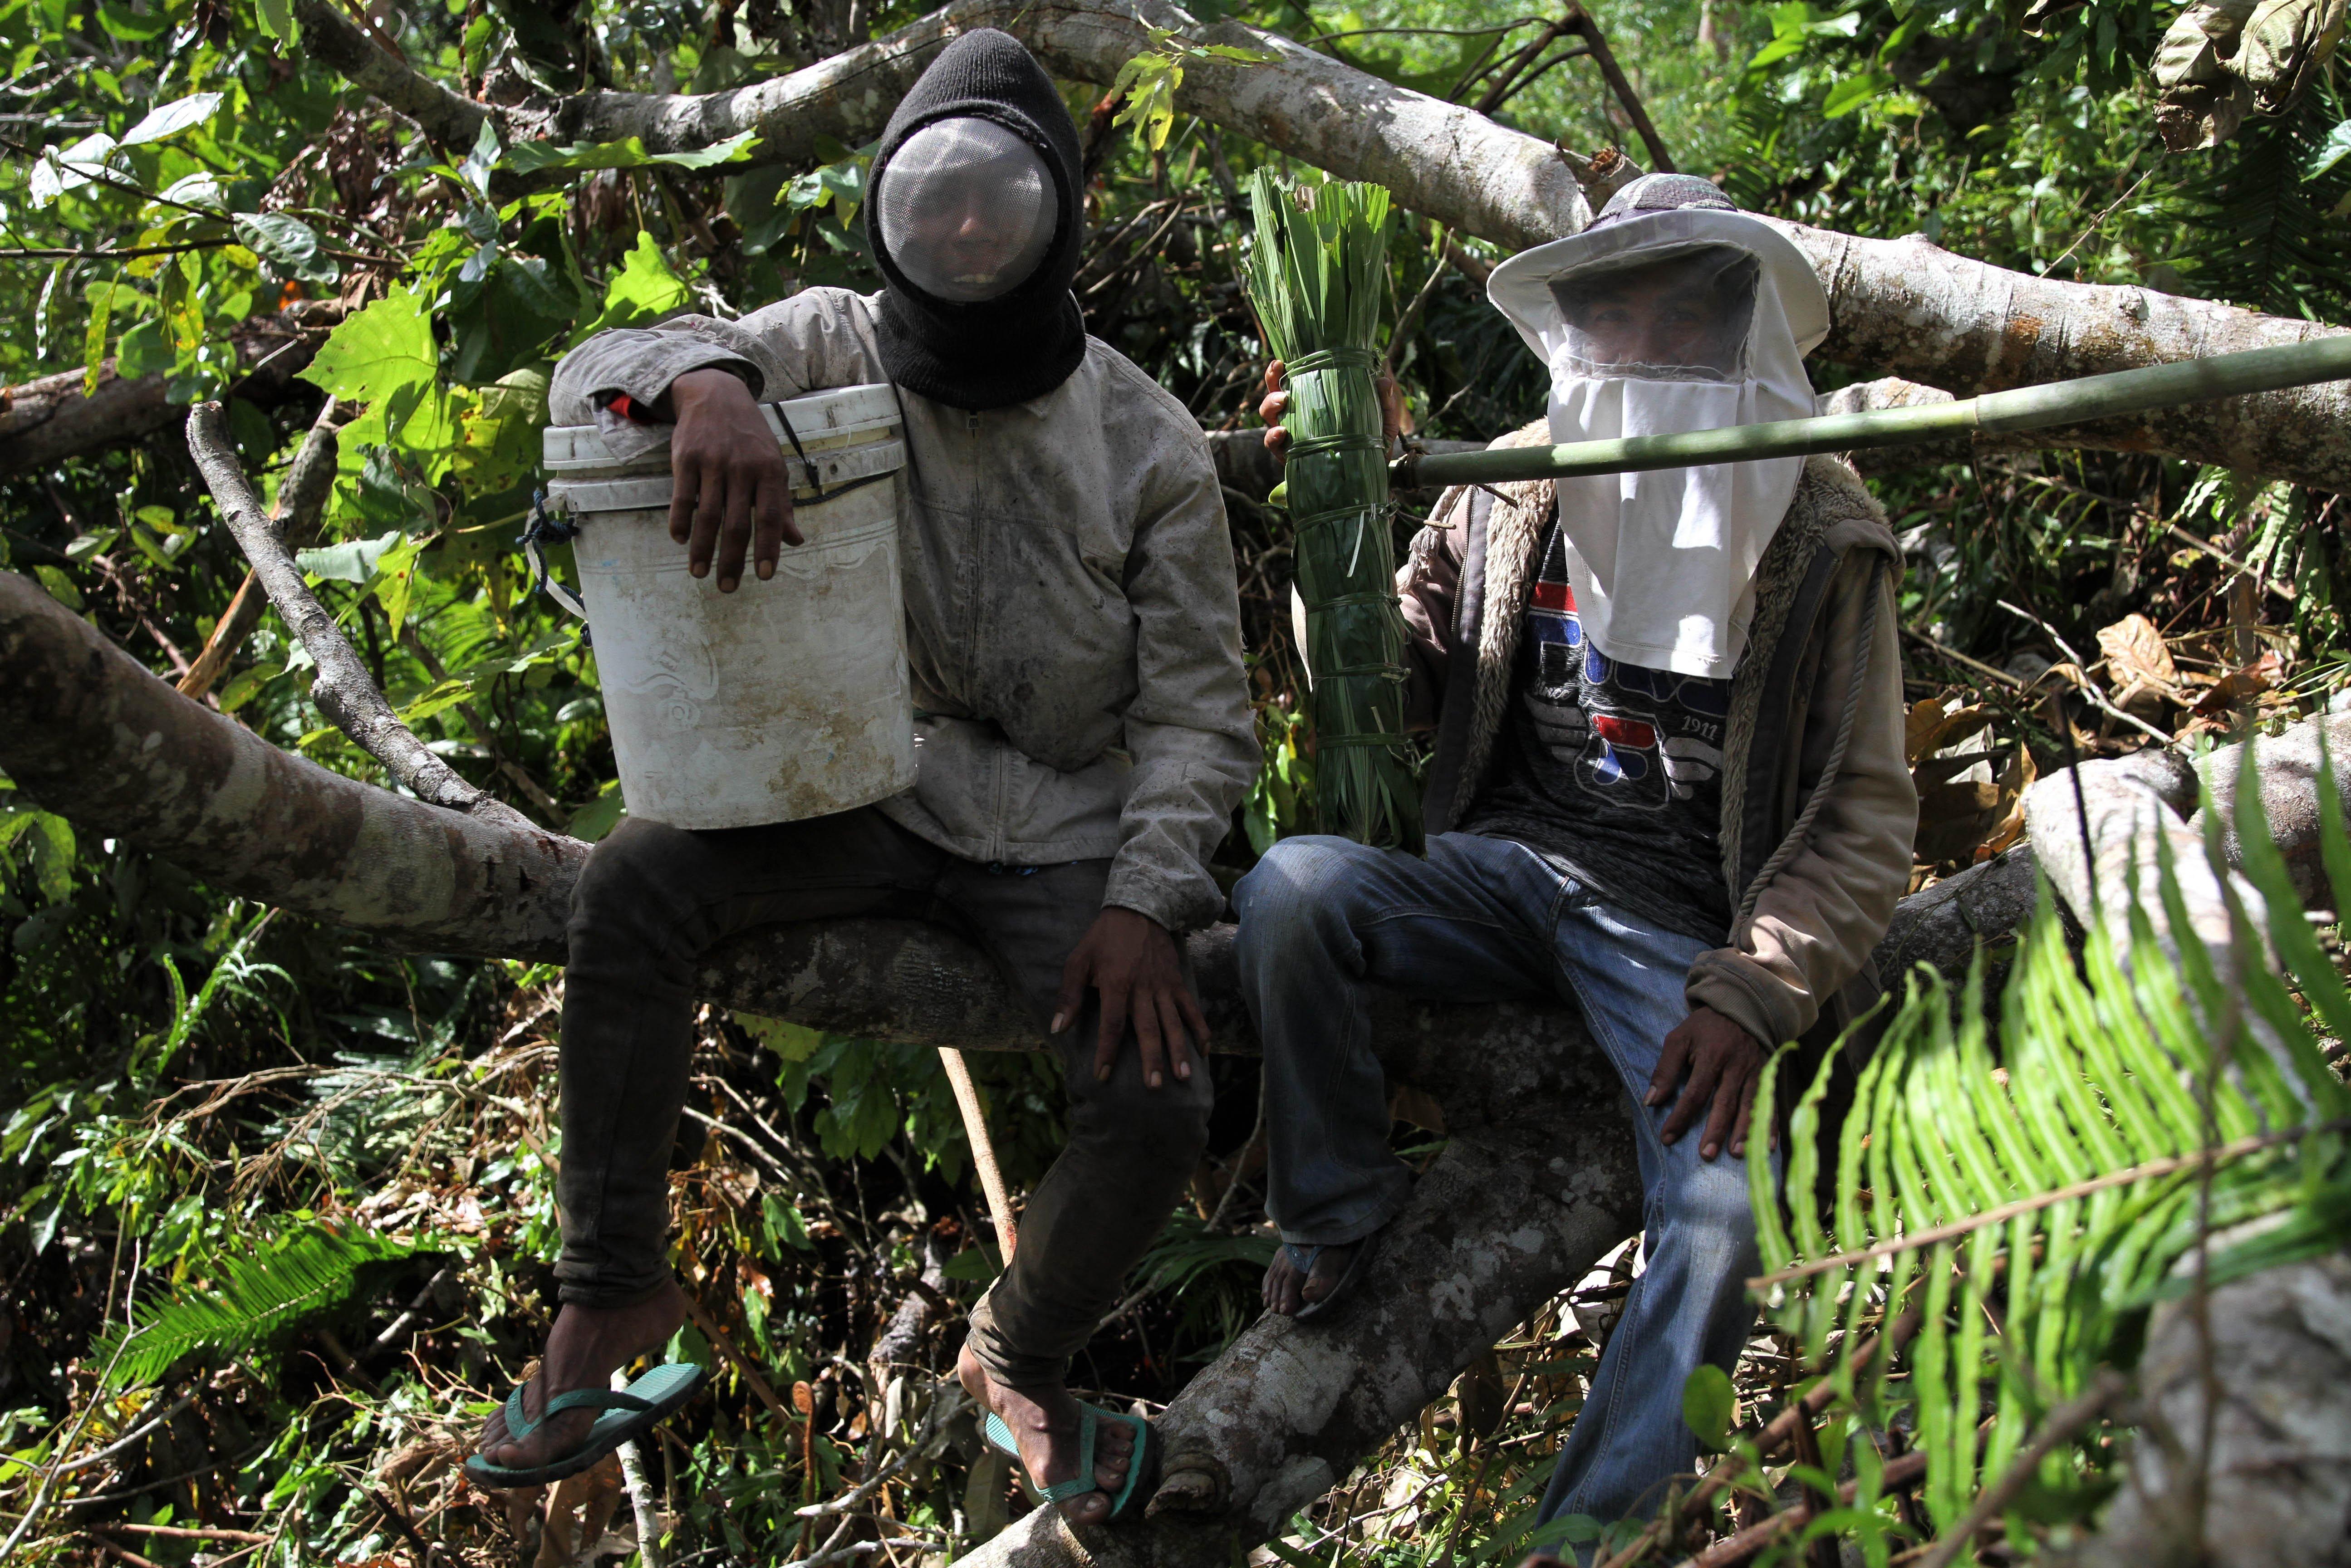 Bartono (kiri) dan Triono (kanan) bersiap memanen lebah madu di kawasan Gunung Landono di Desa Landono 2, Kecamatan Landono, Konawe Selatan, Sulawesi Tenggara.